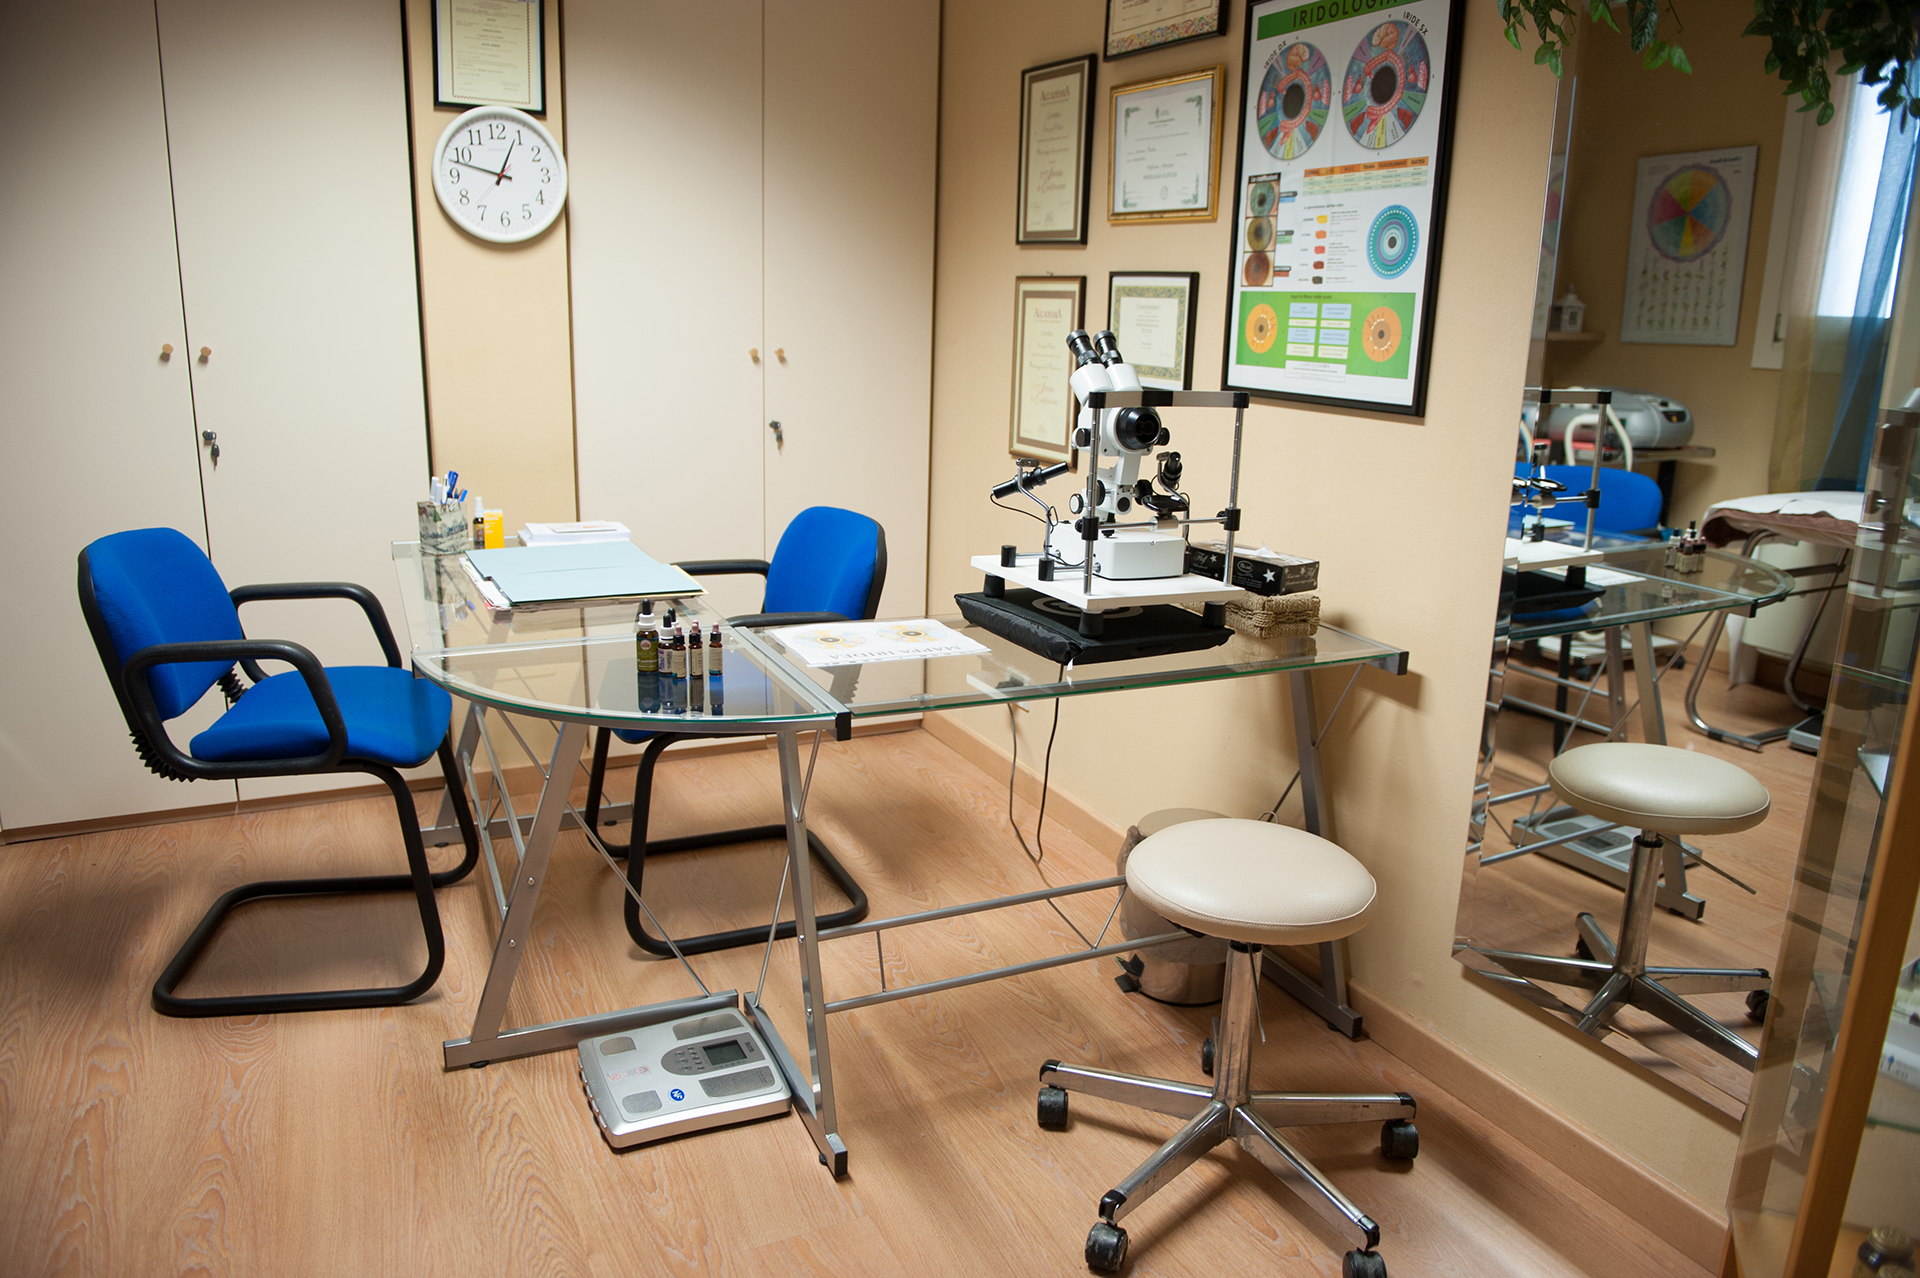 iridologia, naturopatia, analisi iridologica